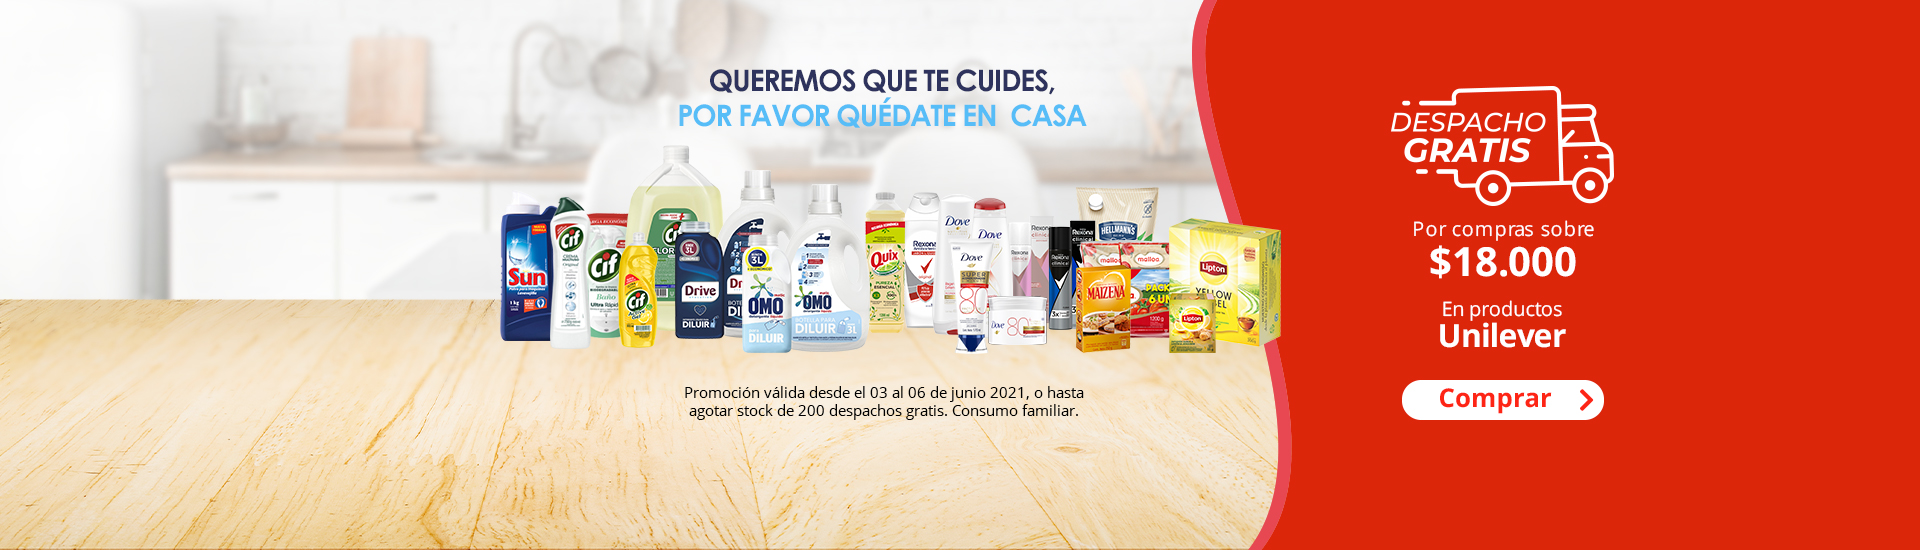 DG Unilever perfumeria